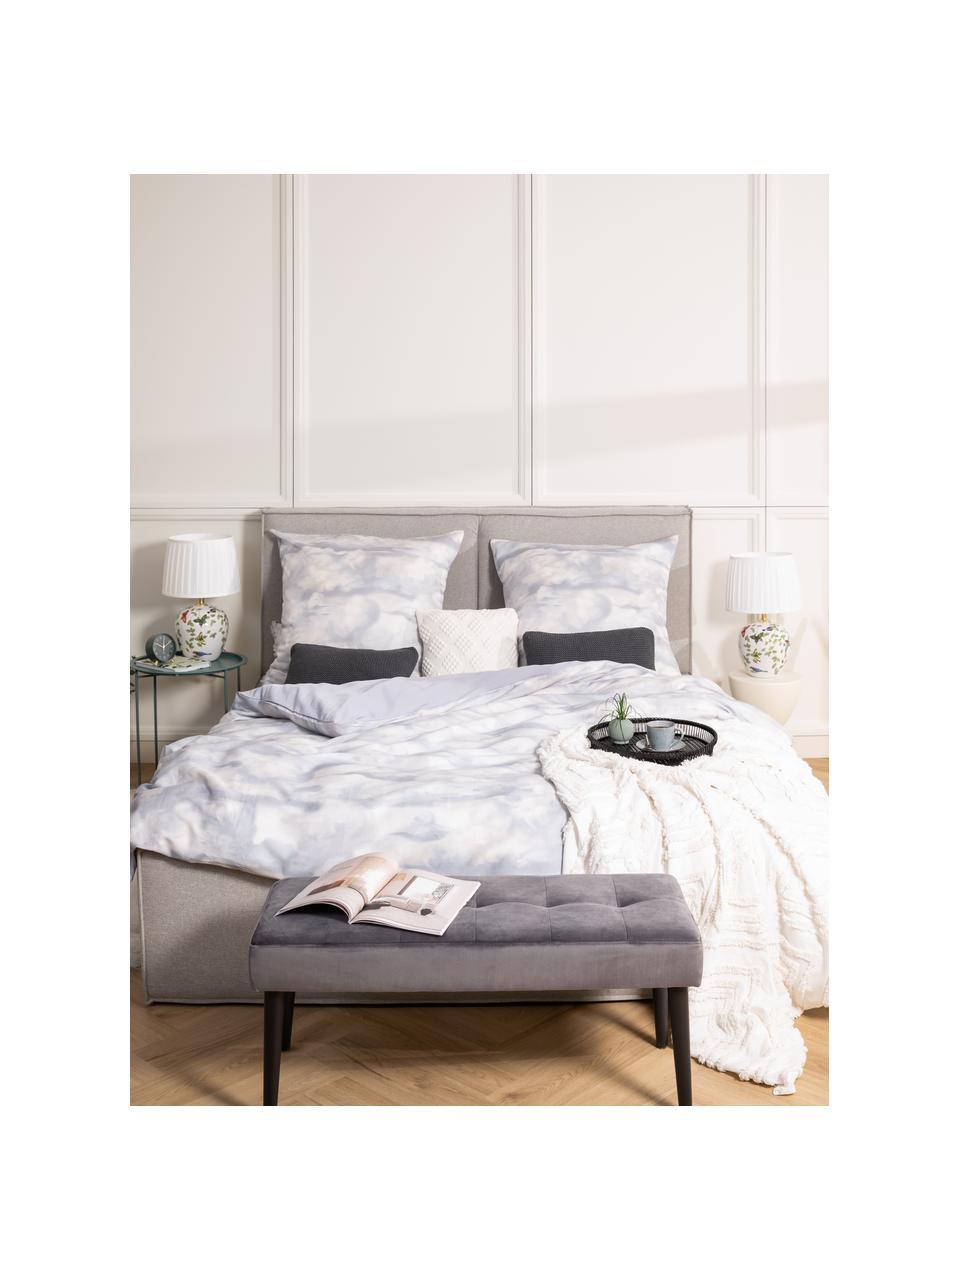 Fluwelen bank Glory, Bekleding: polyester fluweel, Frame: gepoedercoat metaal, Donkergrijs, zwart, 95 x 45 cm